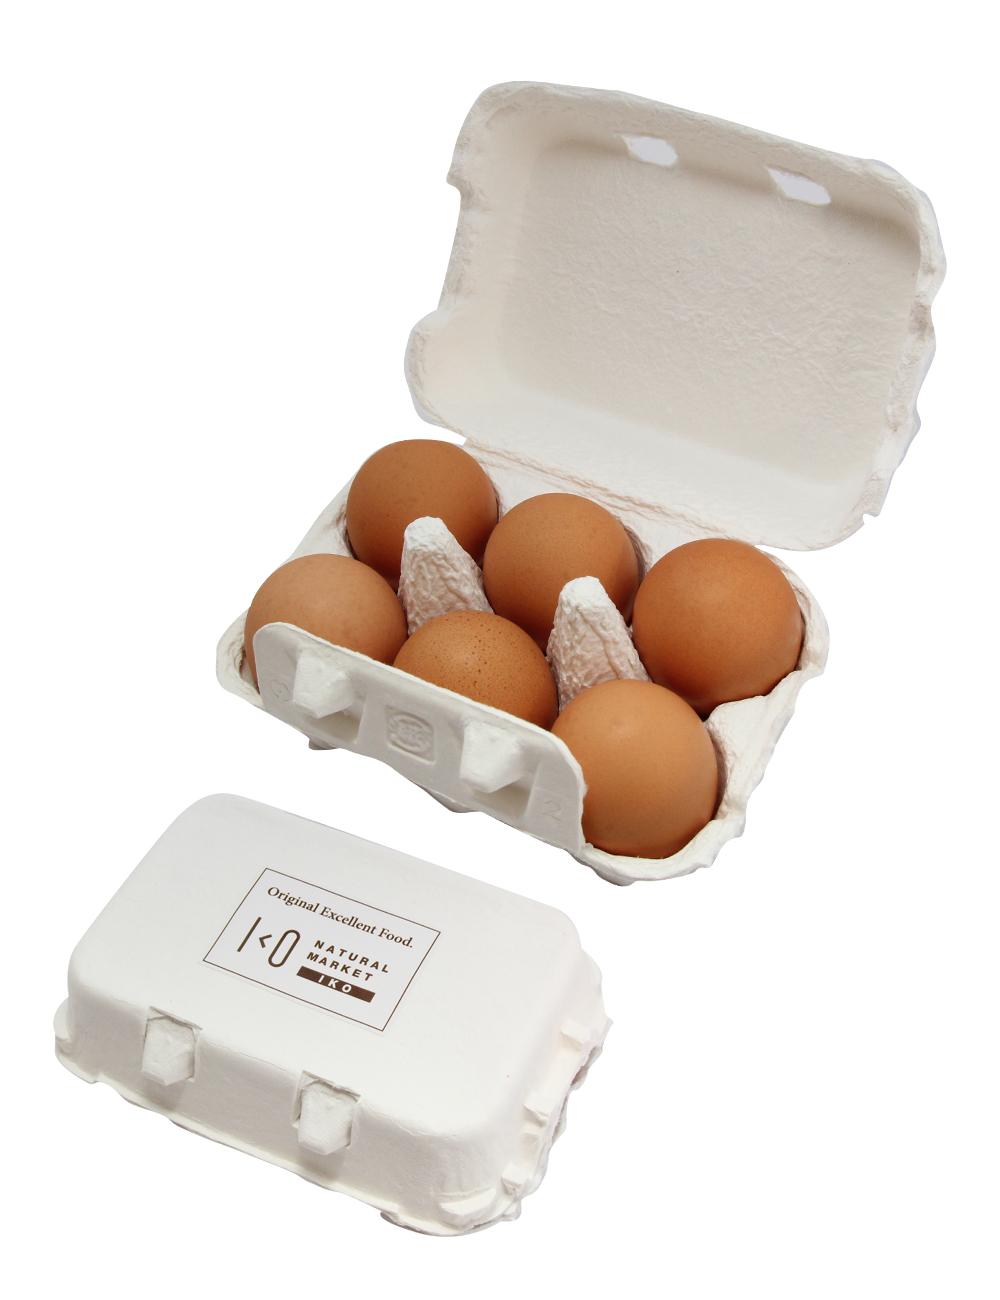 生たまご IKO 平飼い・受精卵・純国産鶏もみじ